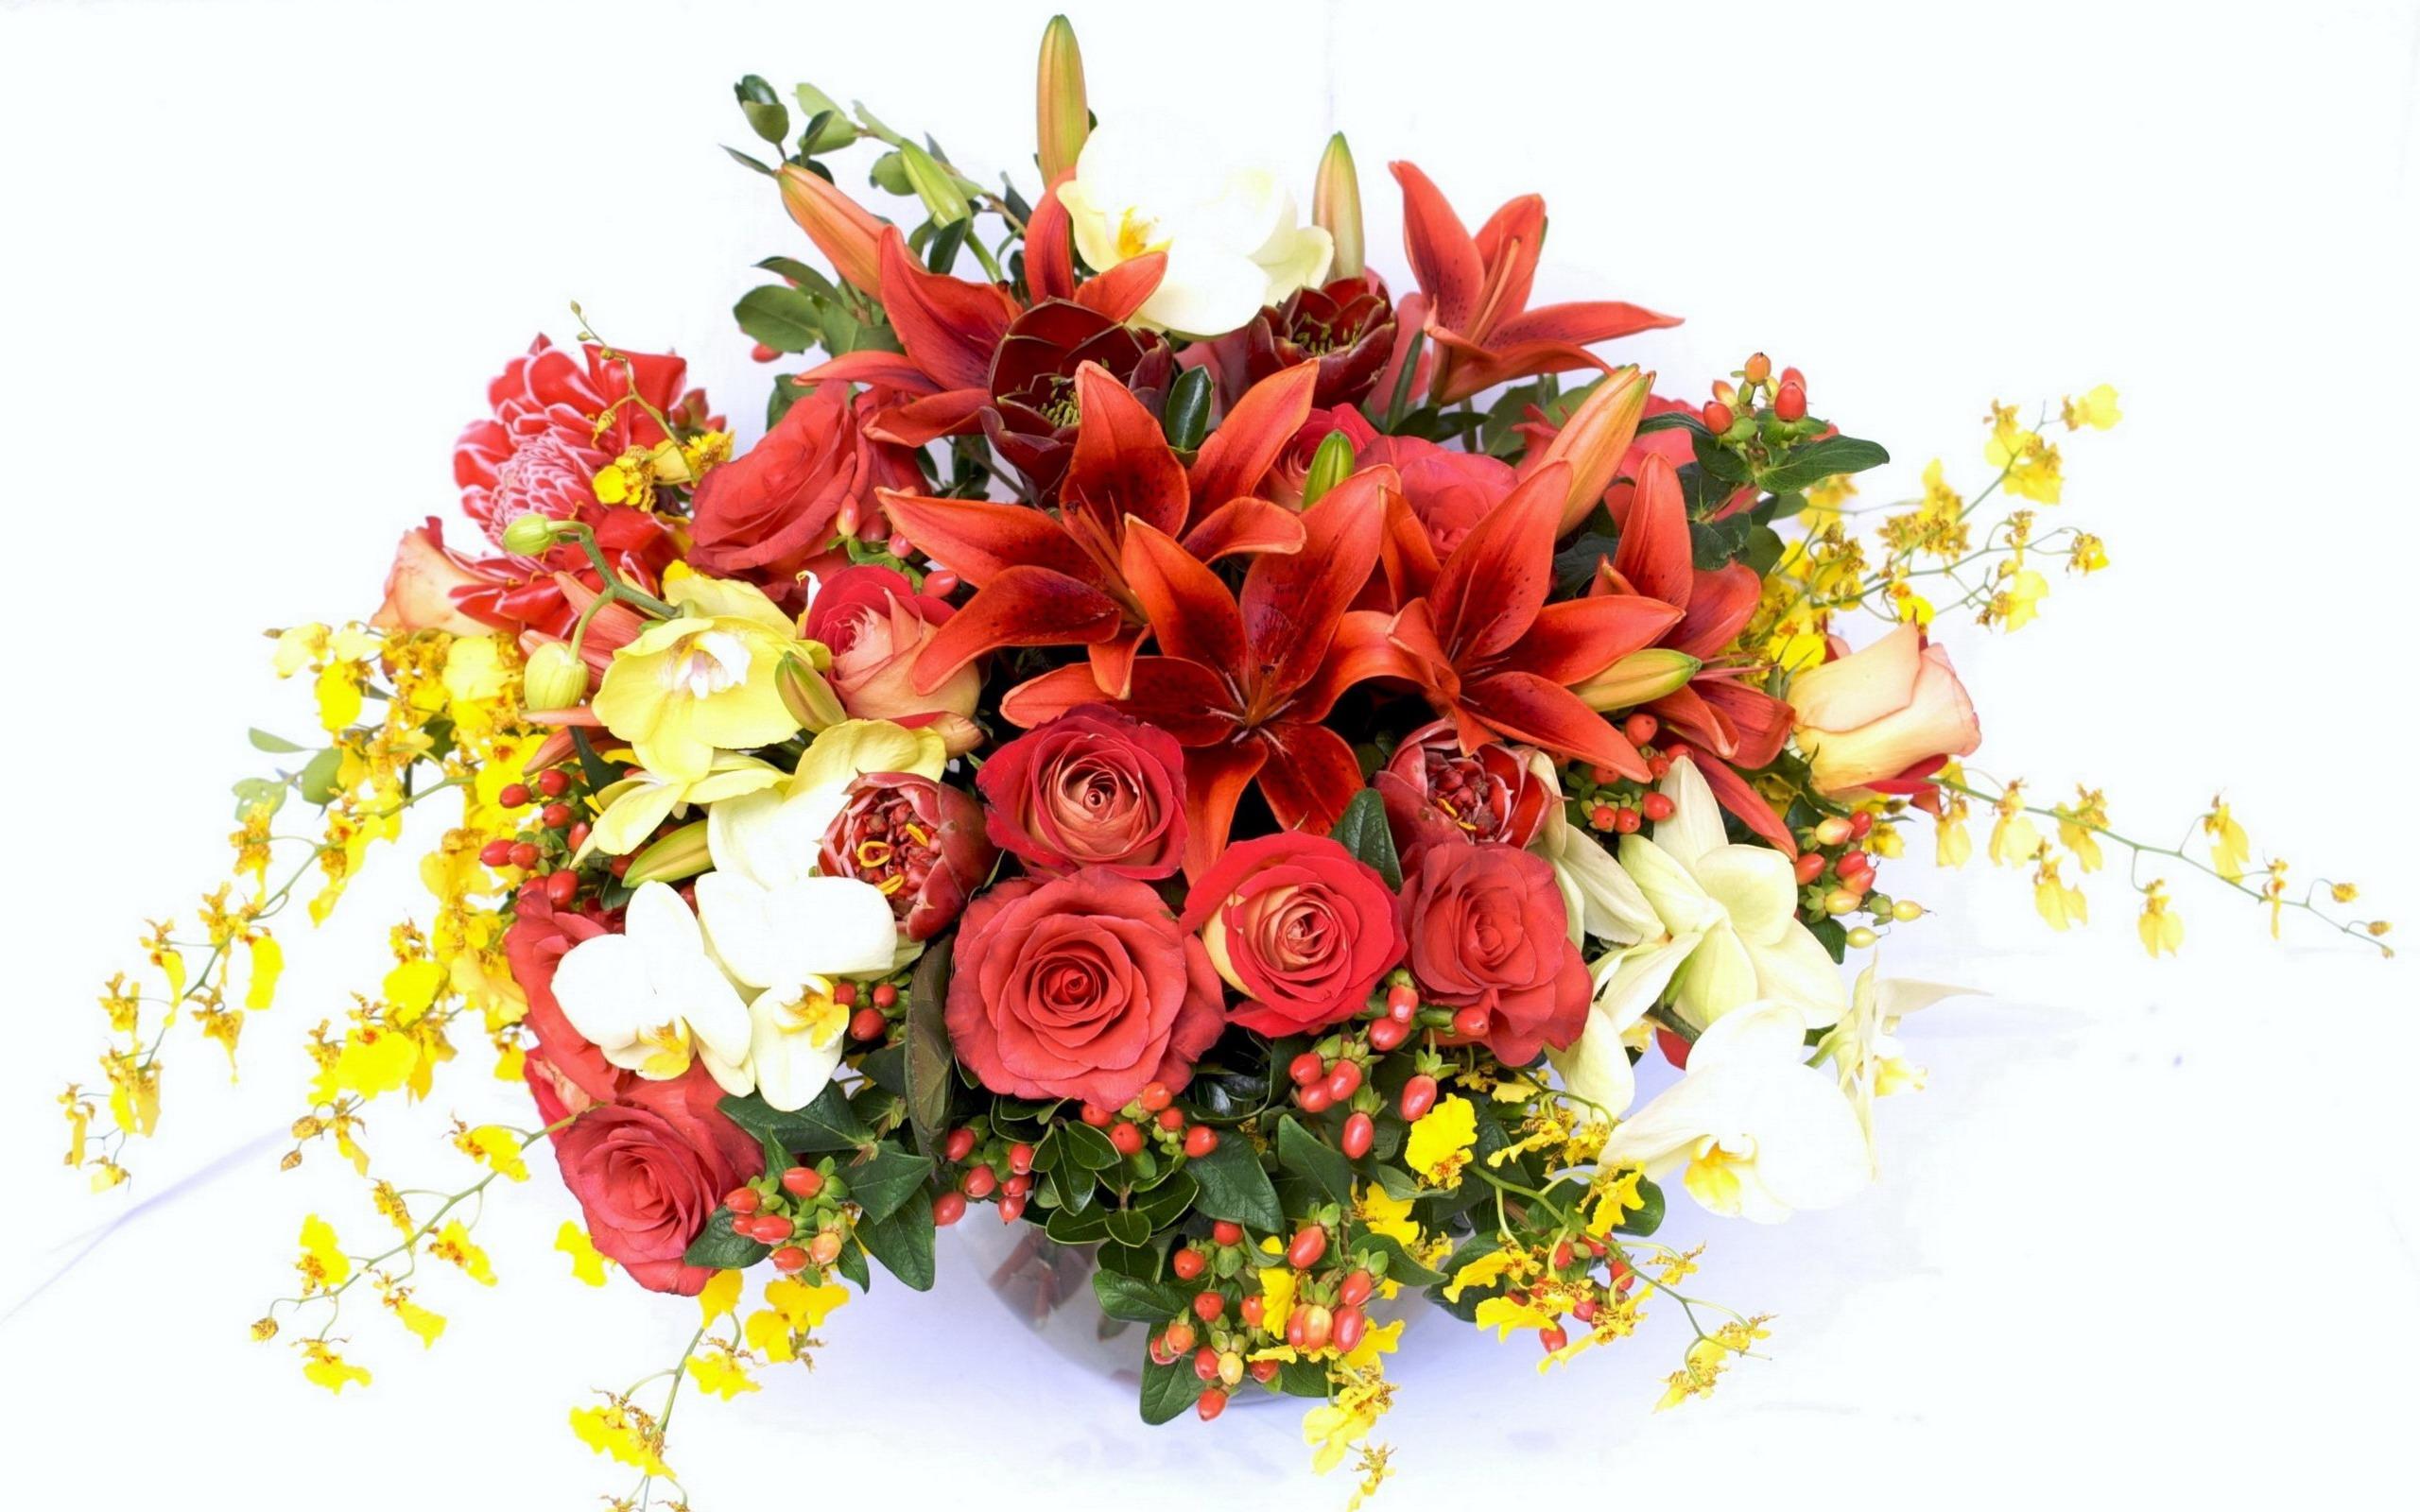 Цветы васильки  фото виды посадка и уход